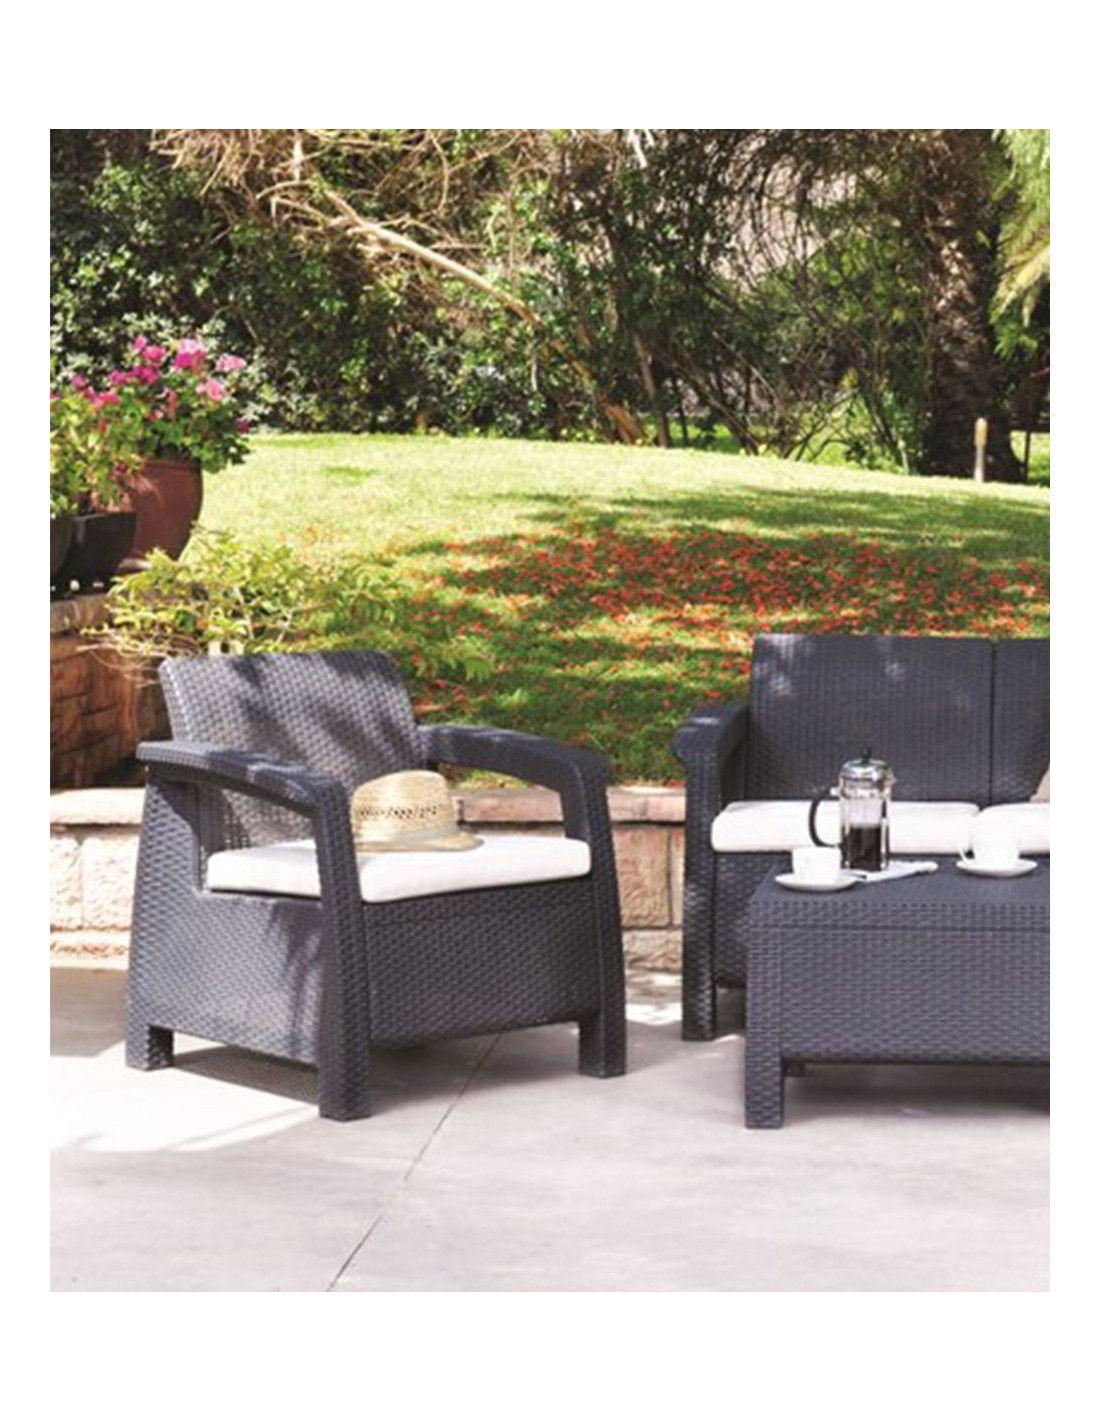 Set de muebles para terraza corfu 4 piezas marca curver - Muebles de terraza ...